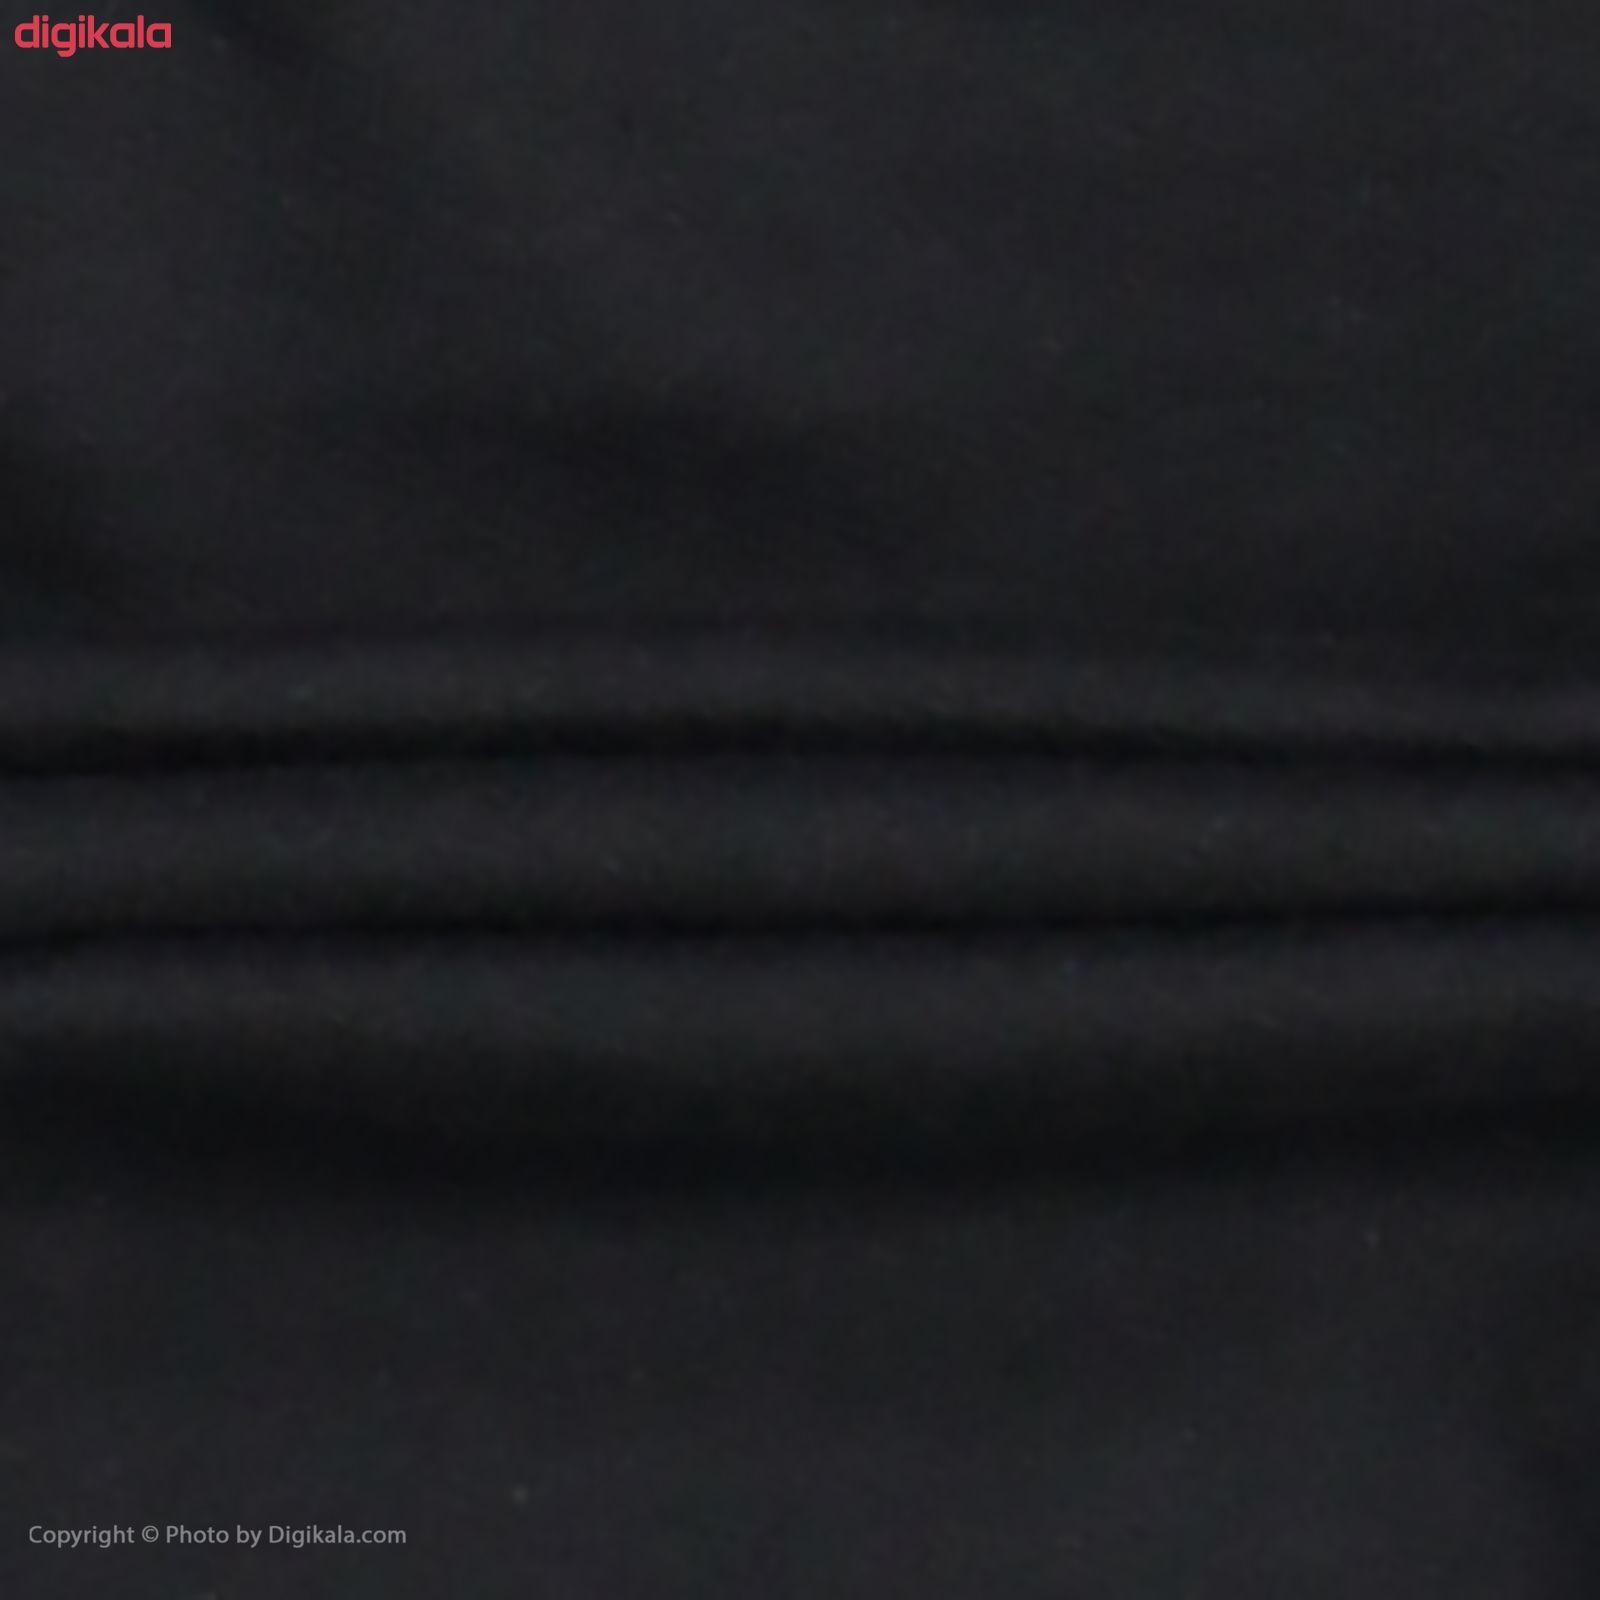 ست تی شرت و شلوار زنانه ناربن مدل 1521284-92 main 1 4